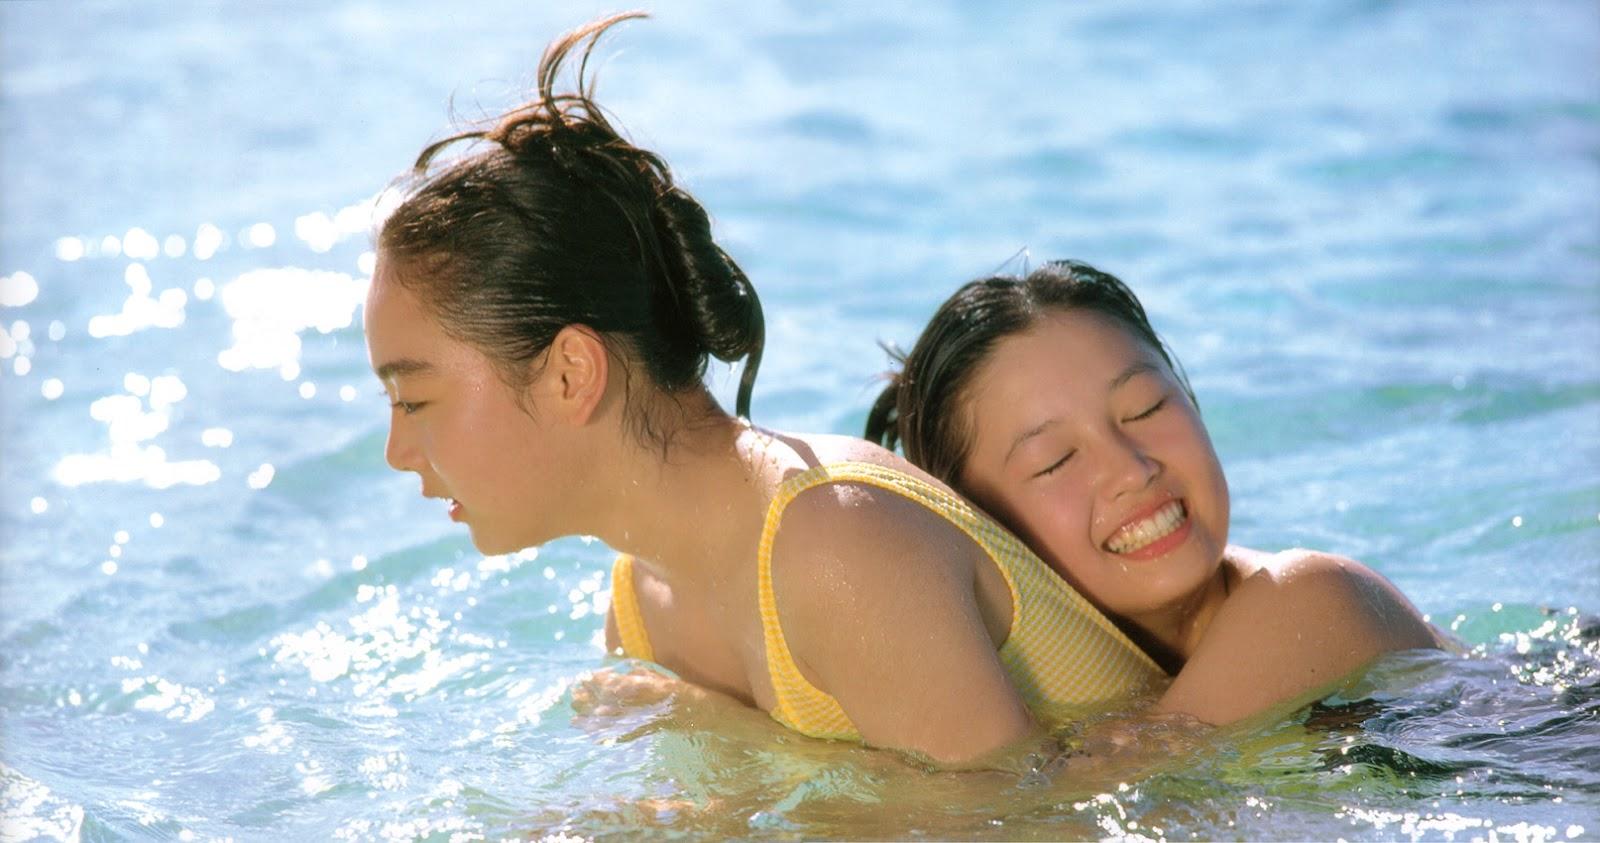 yoko mitsuya and nara saori sexy bikini photos 05